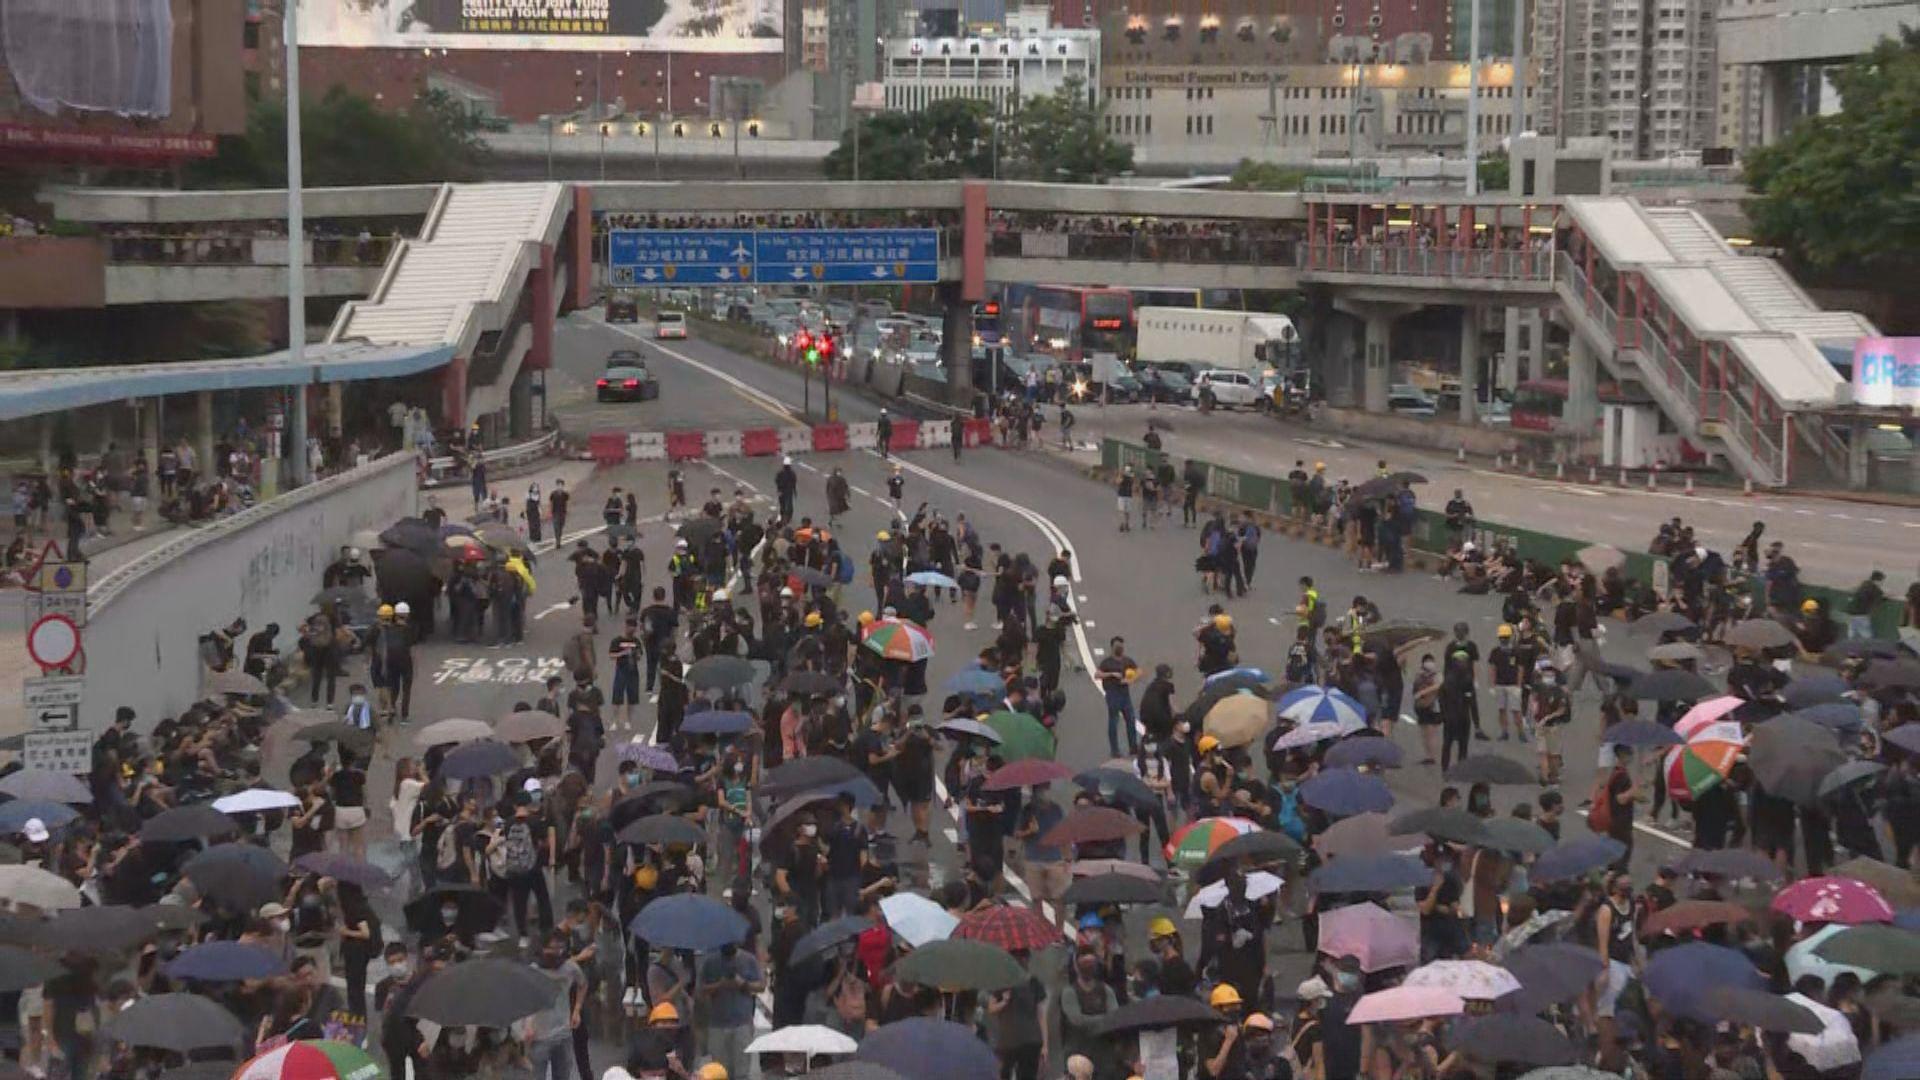 示威者堵塞紅隧九龍出入口半小時癱瘓交通